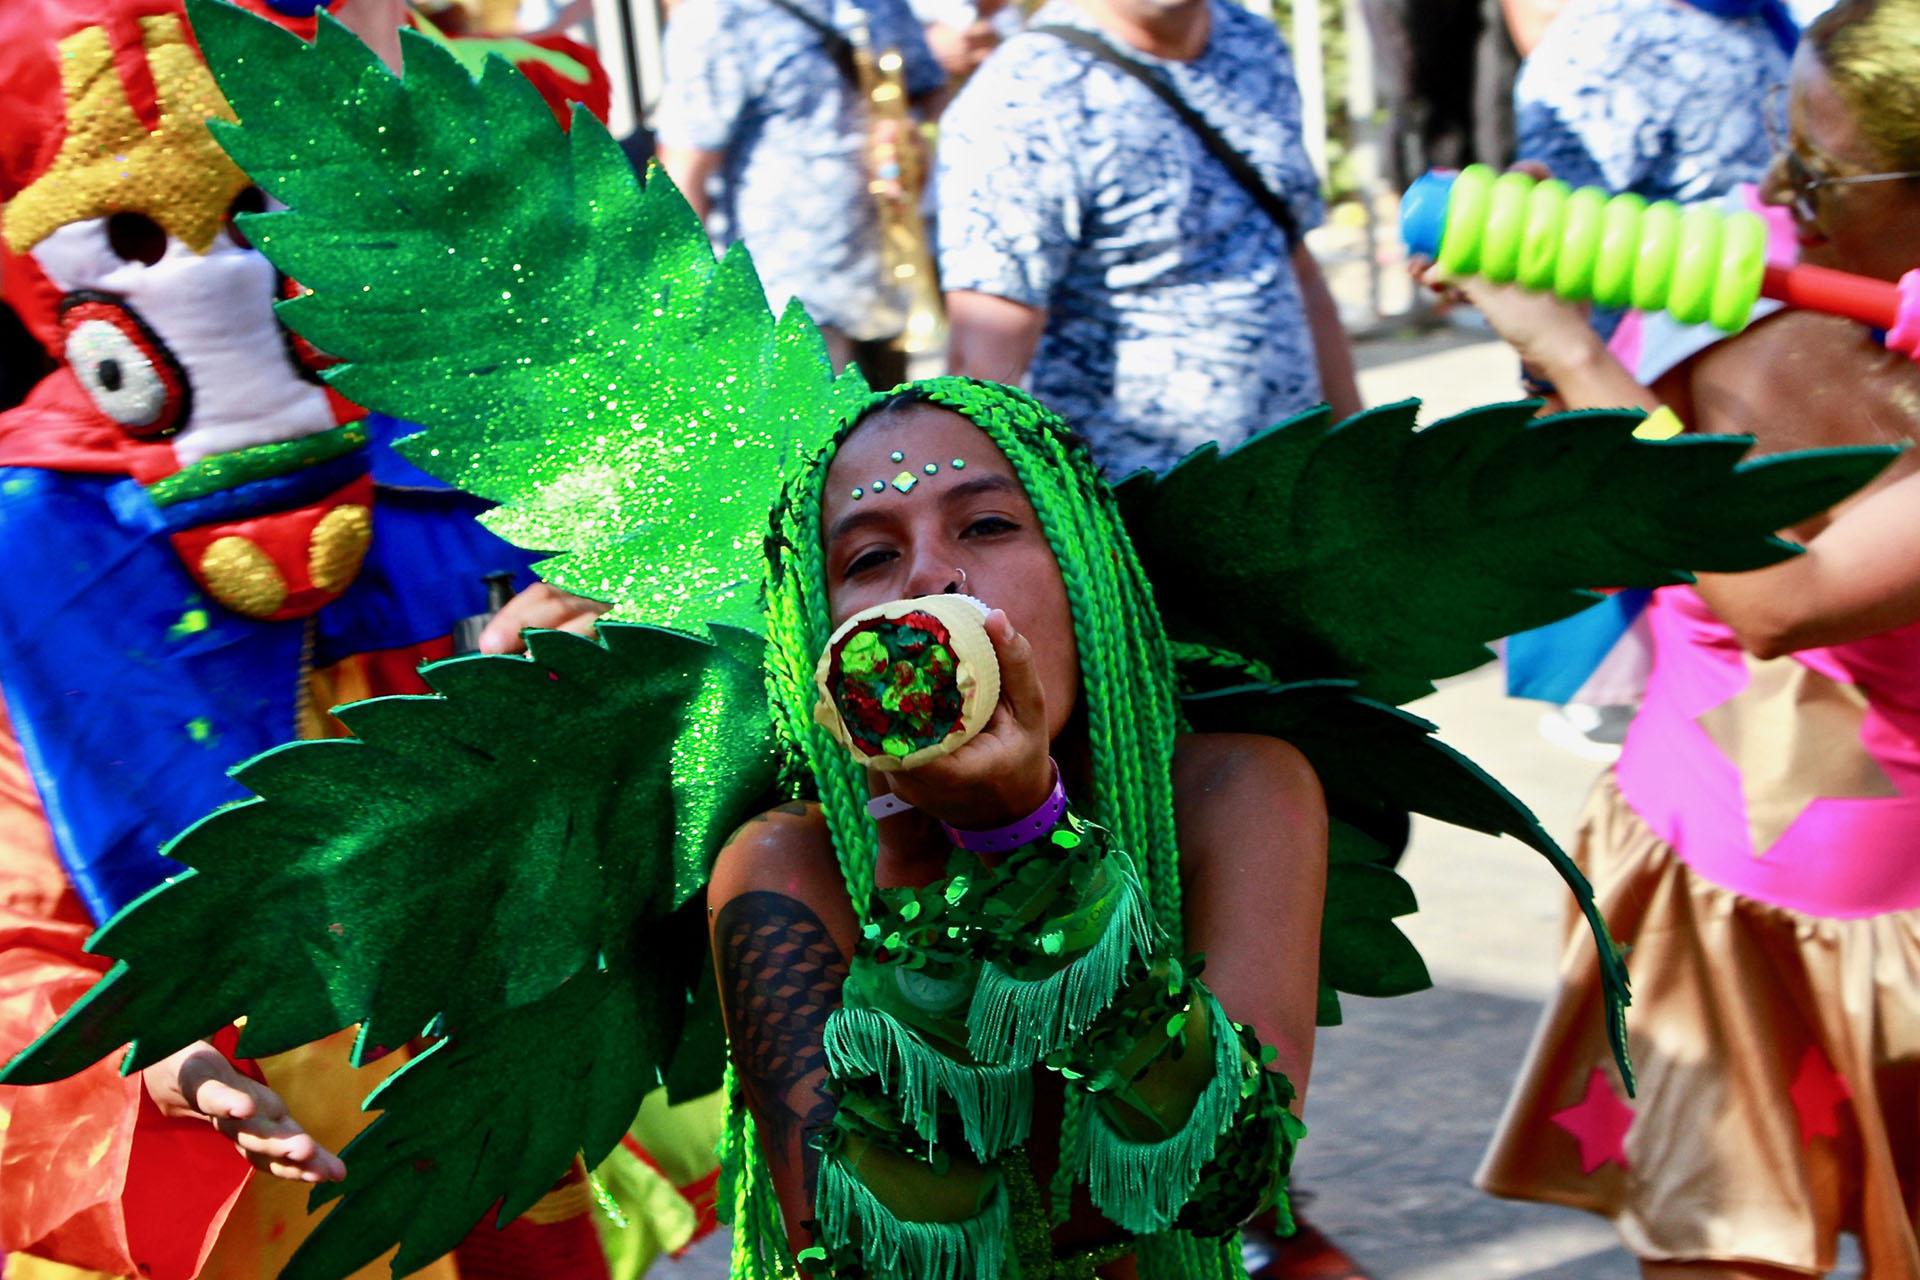 Una miembro del grupo Disfrázate Cómo Quieras. Su disfraz recordaba una hoja de marihuana